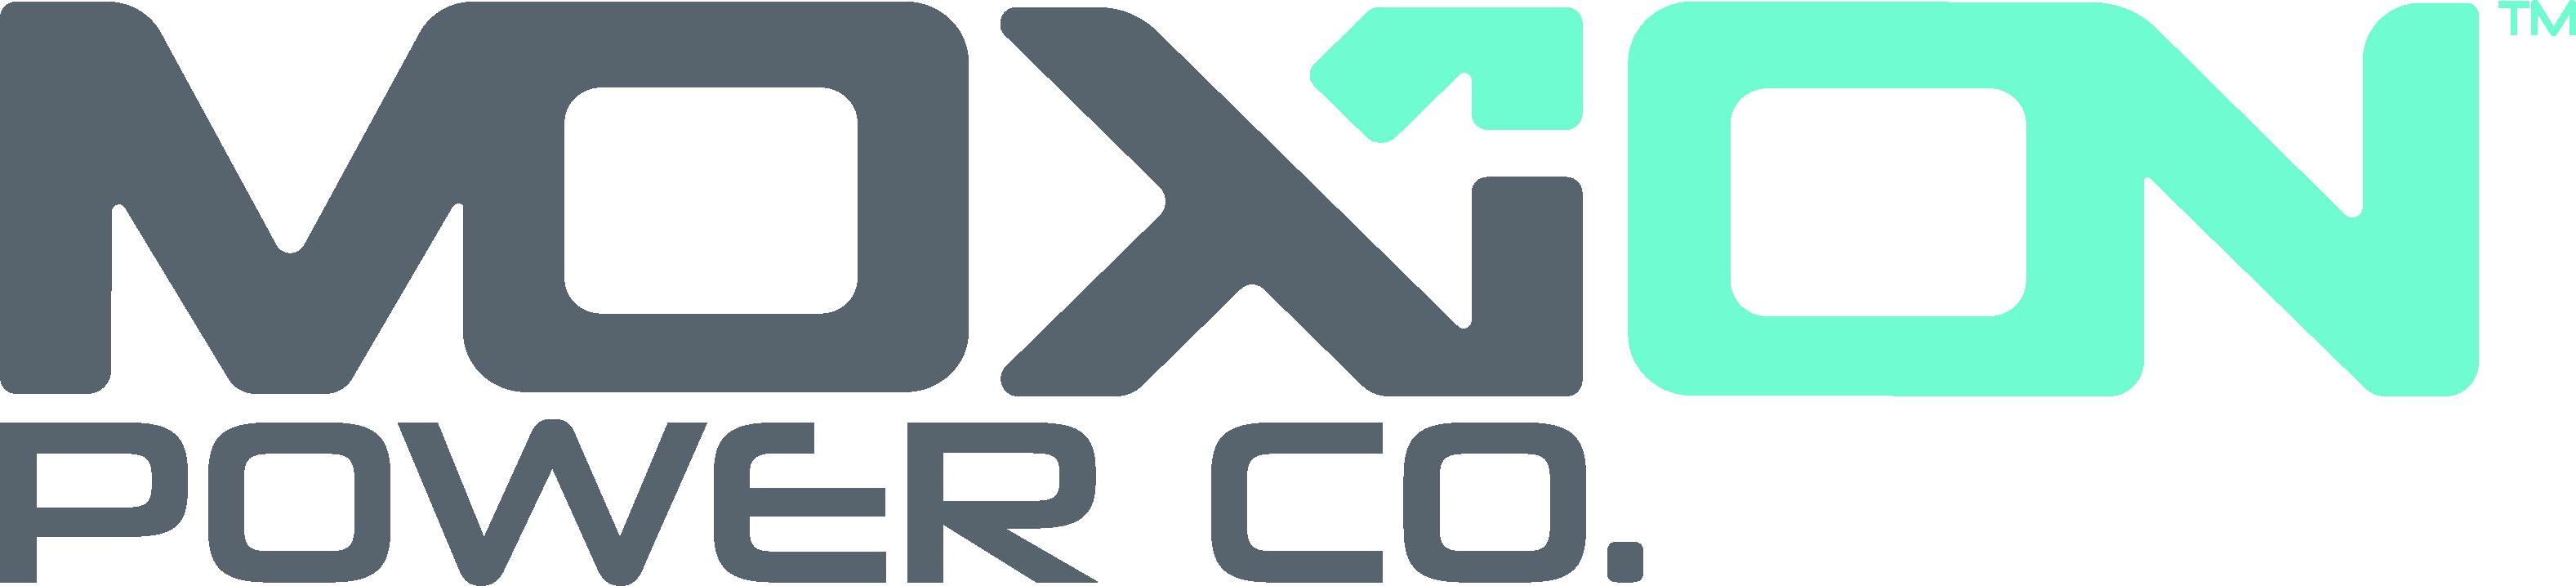 Moxion Power logo